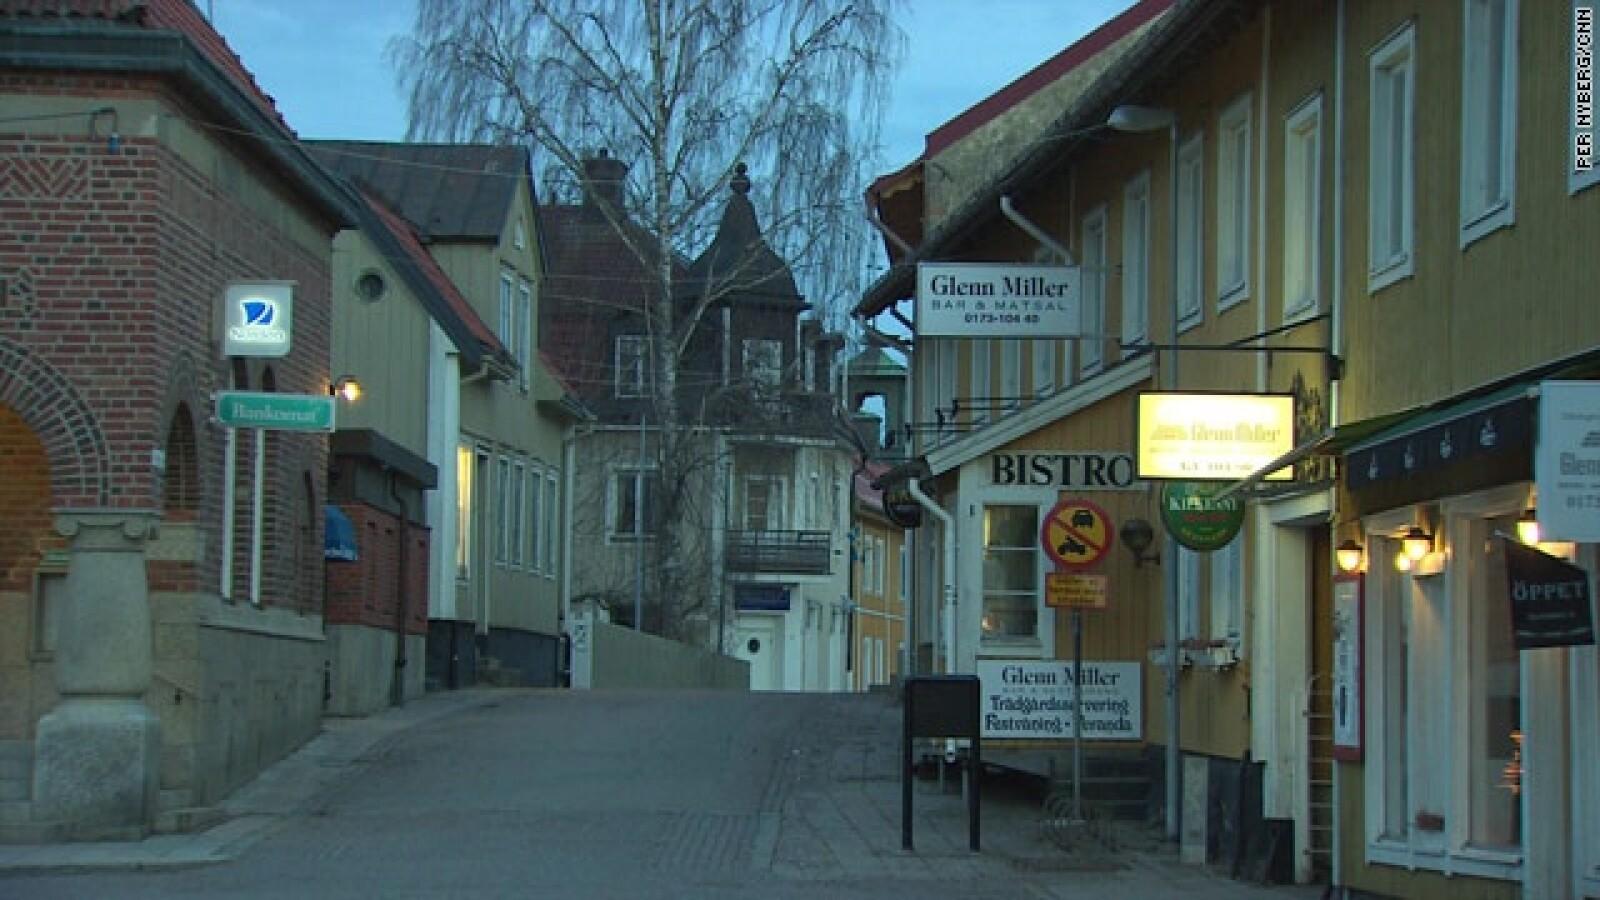 El pueblo de Osthammar es lugar elegido para enterrar cerca de 12,000 toneladas de desecho nuclear